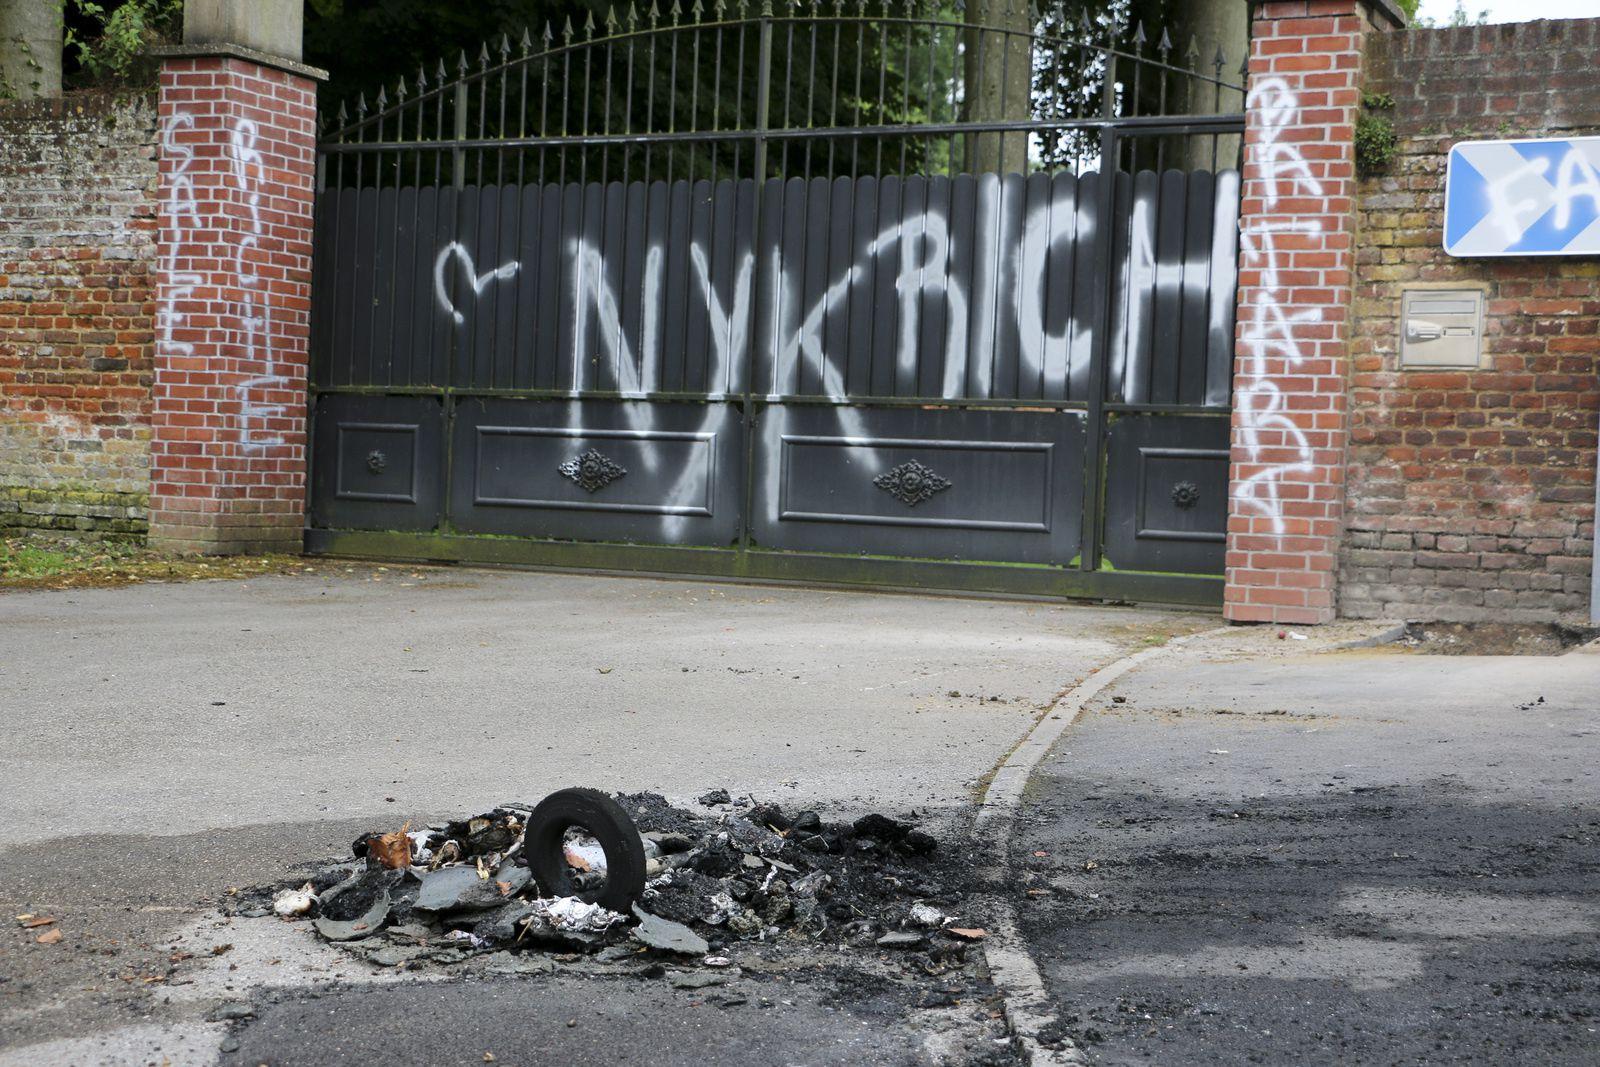 Acte de vandalisme cette nuit dans la commune.